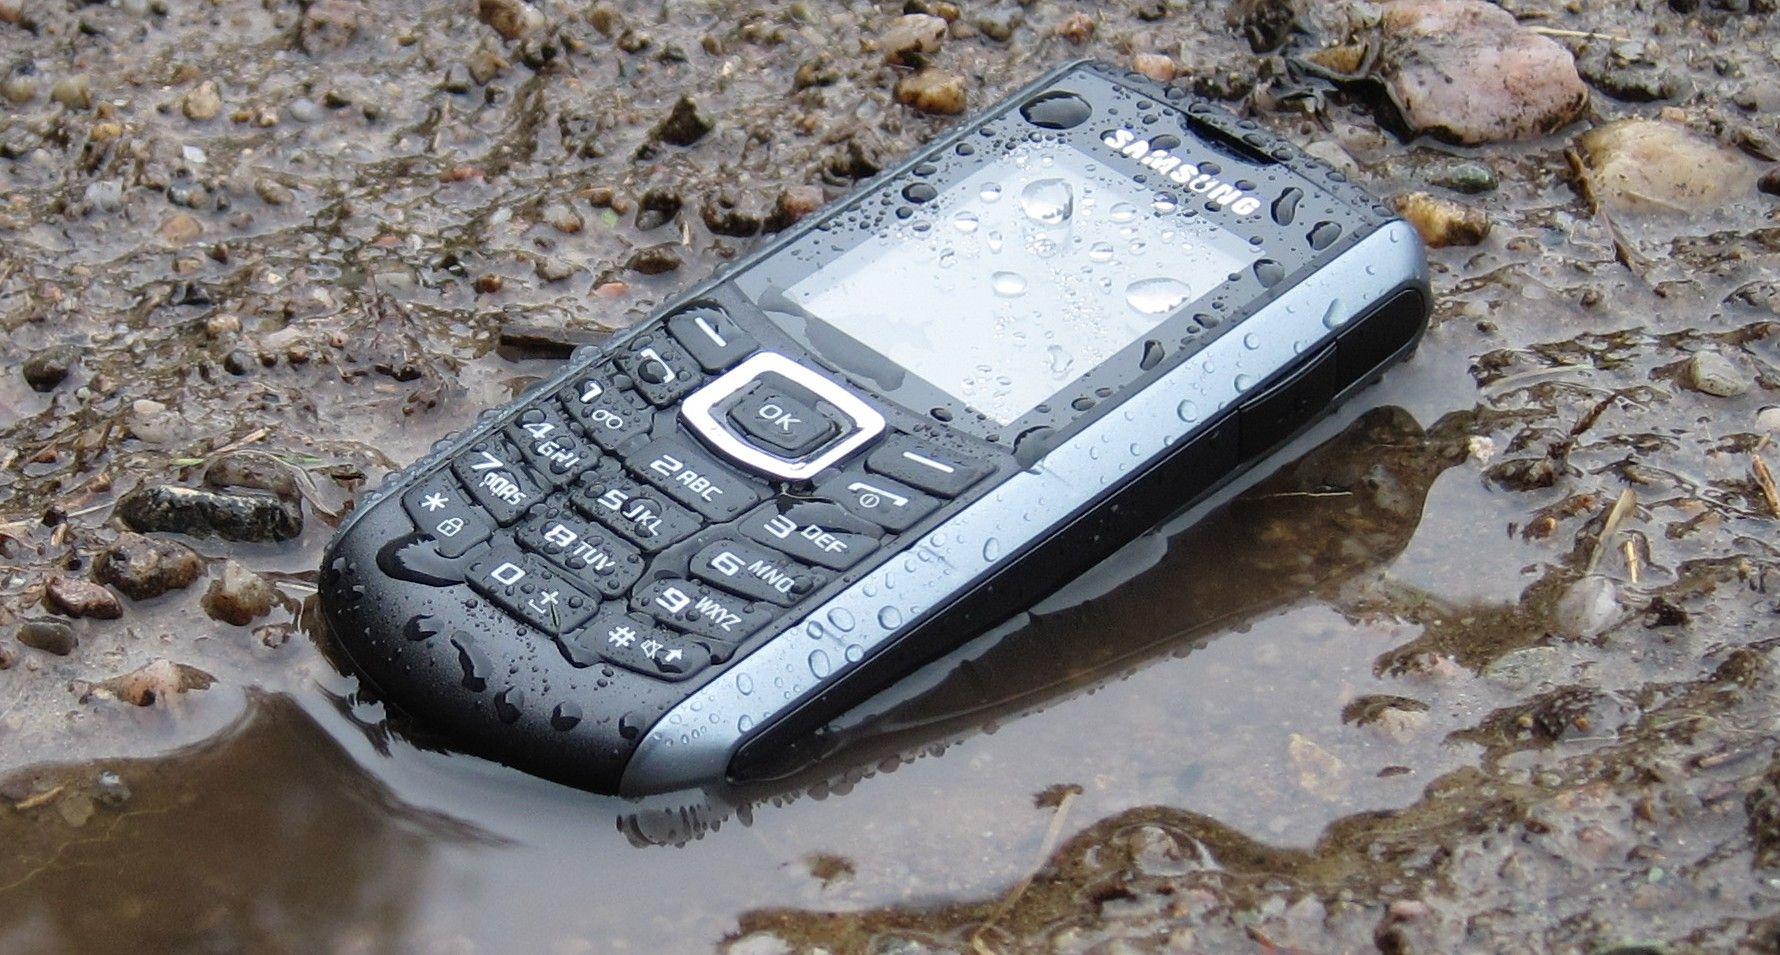 Denne telefonen trives i gjørma.